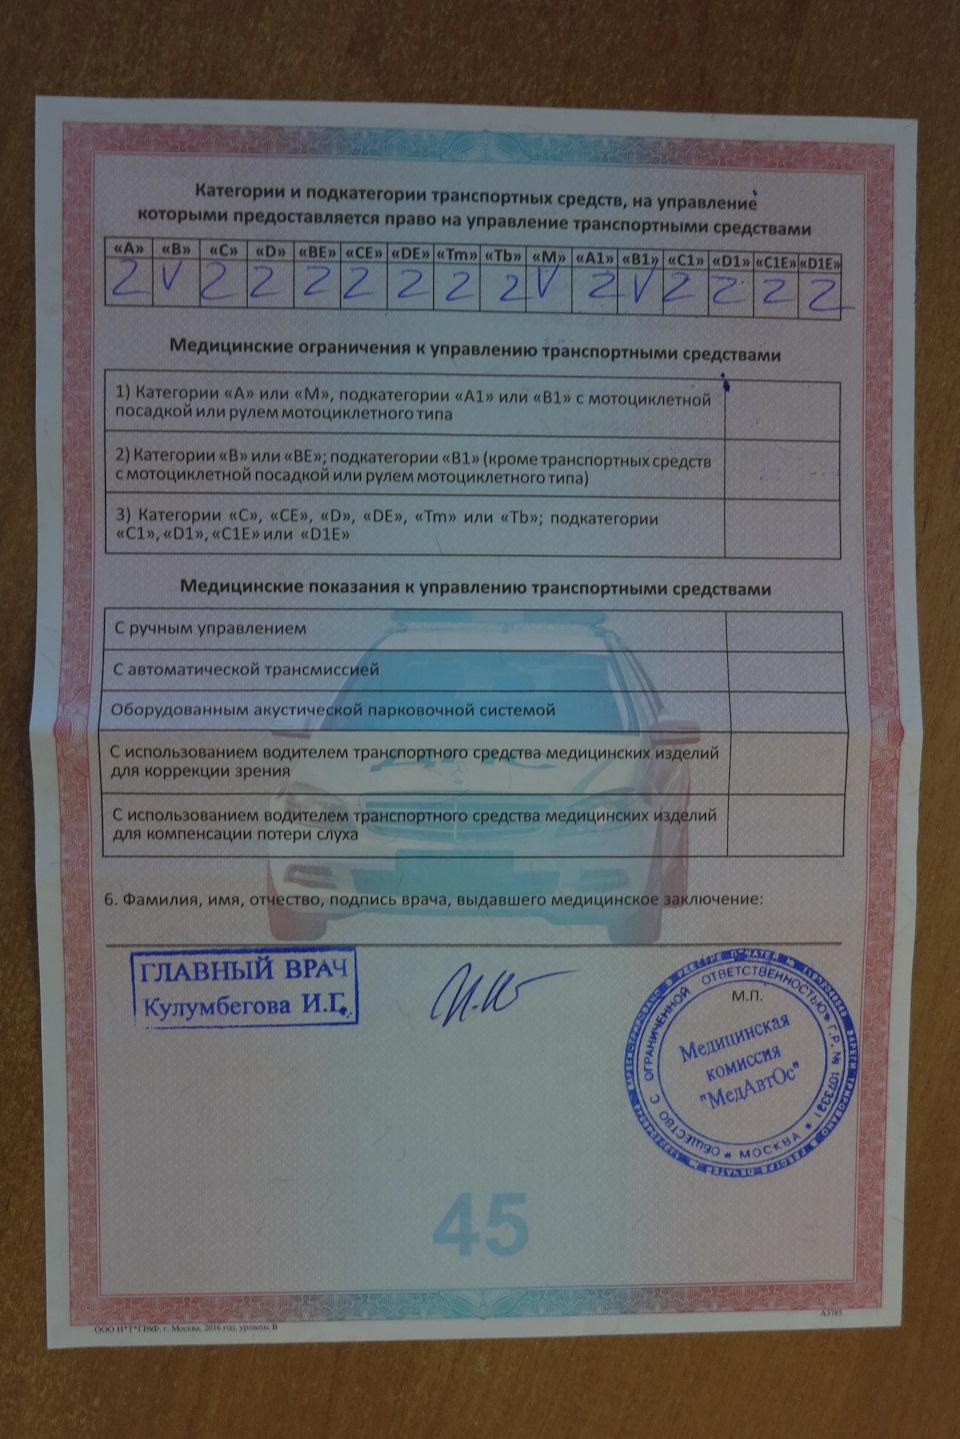 Медицинская справка для водительского удостоверения 26